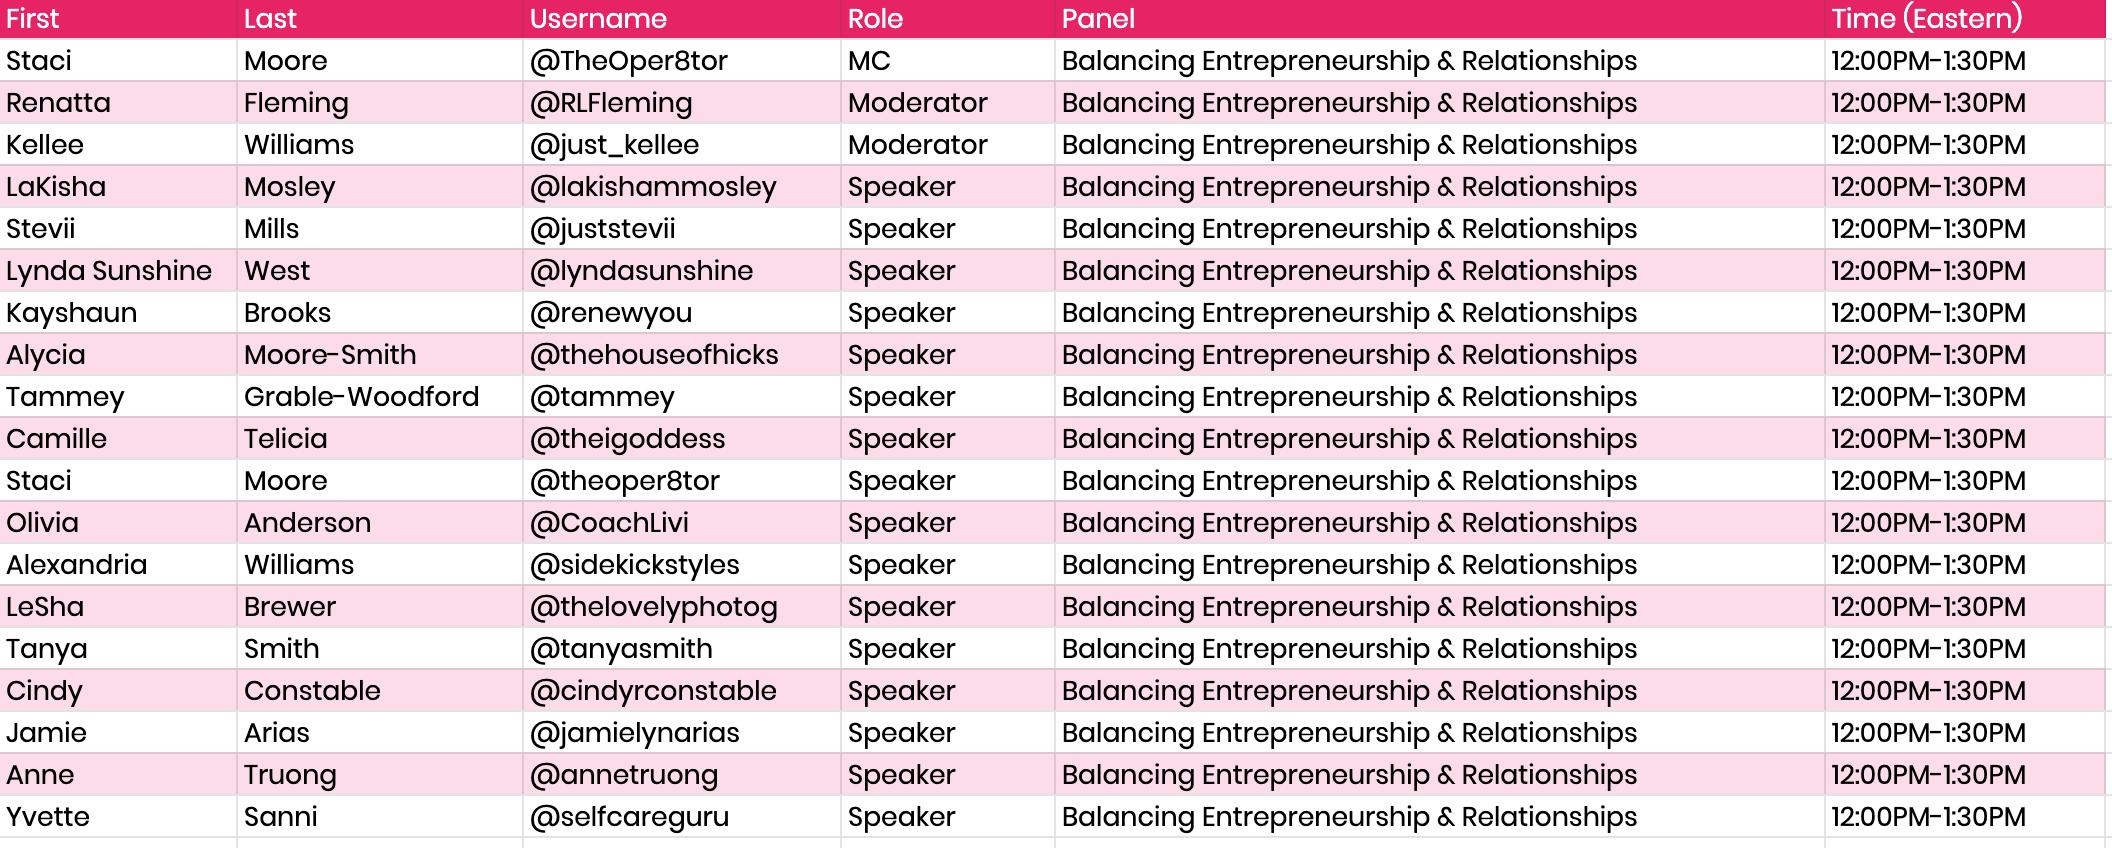 Balancing Entrepreneurship & Relationships